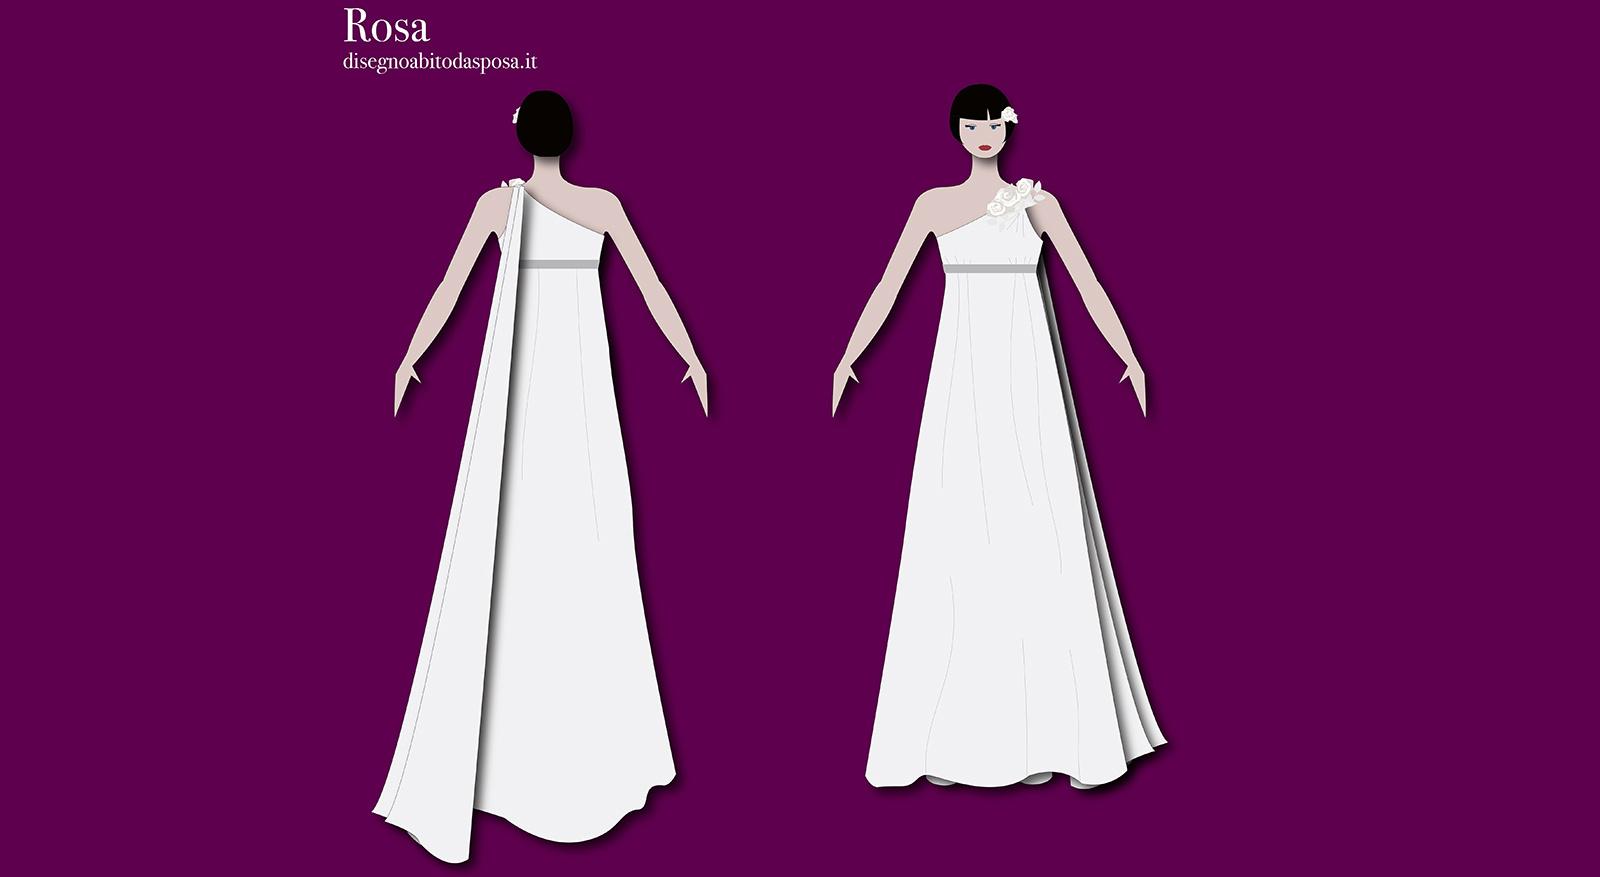 Impero Abito Sposa Da Rosa In Stile wP8NOk0nX